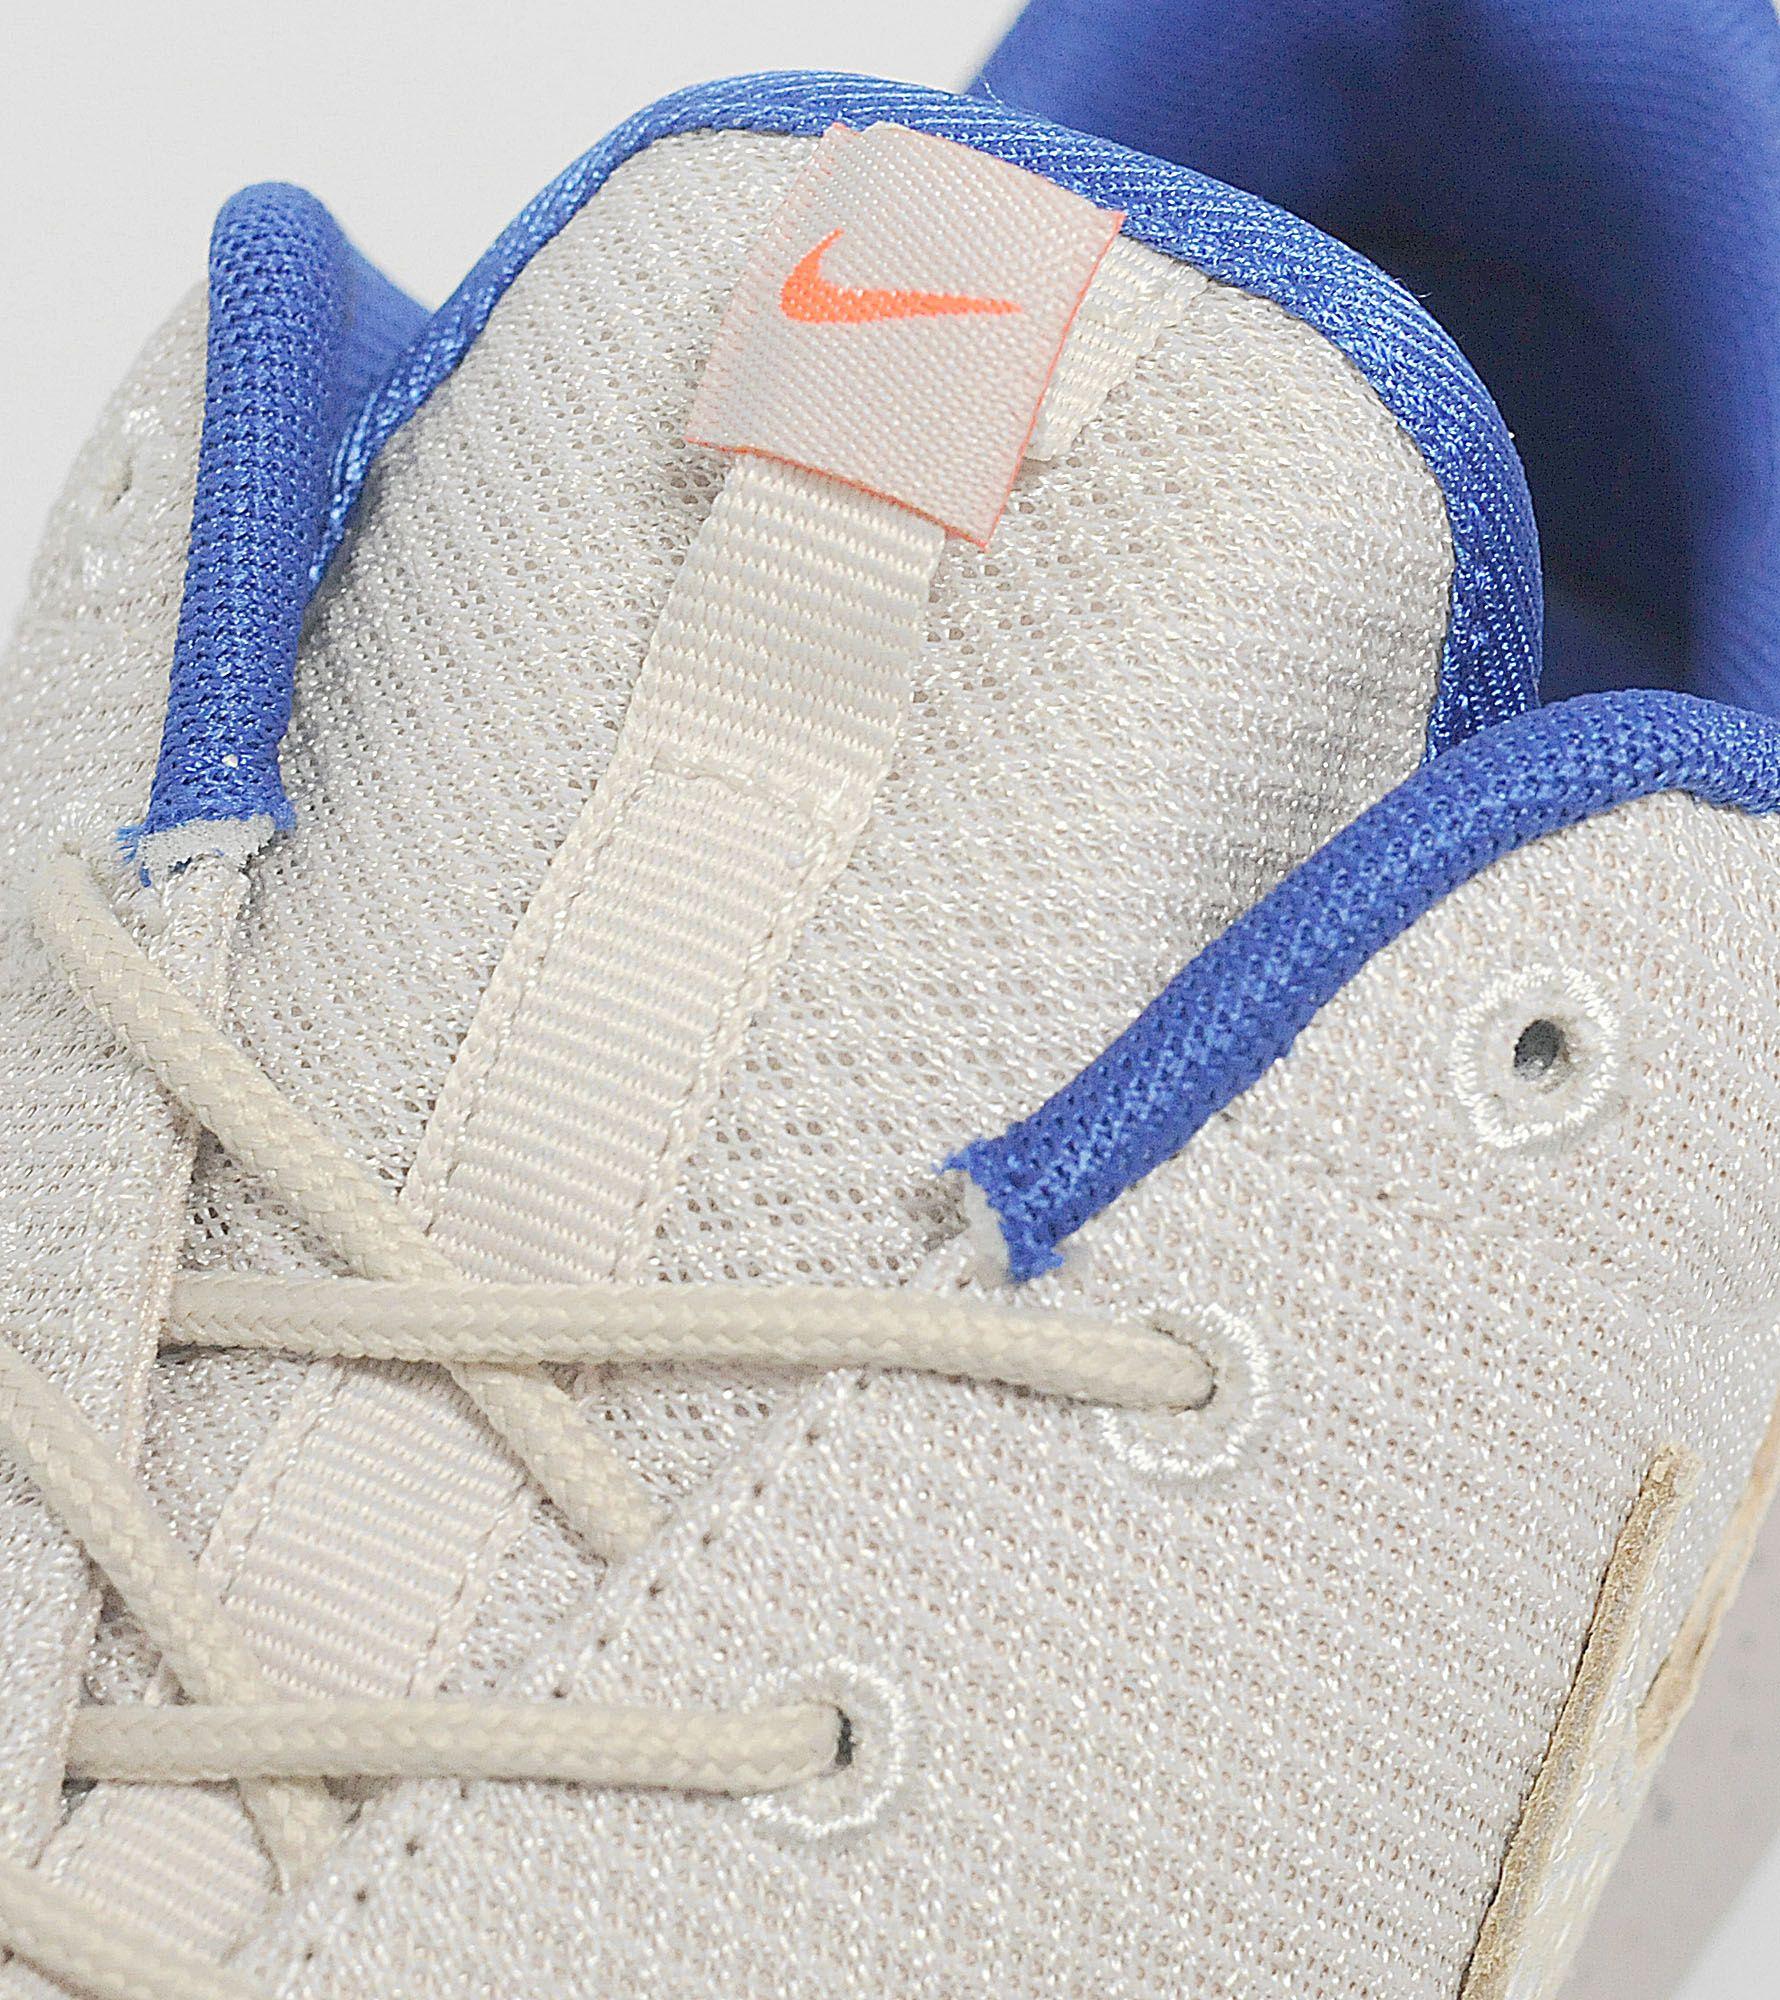 gzykg Nike Roshe Run 'Urban Safari' | Size?